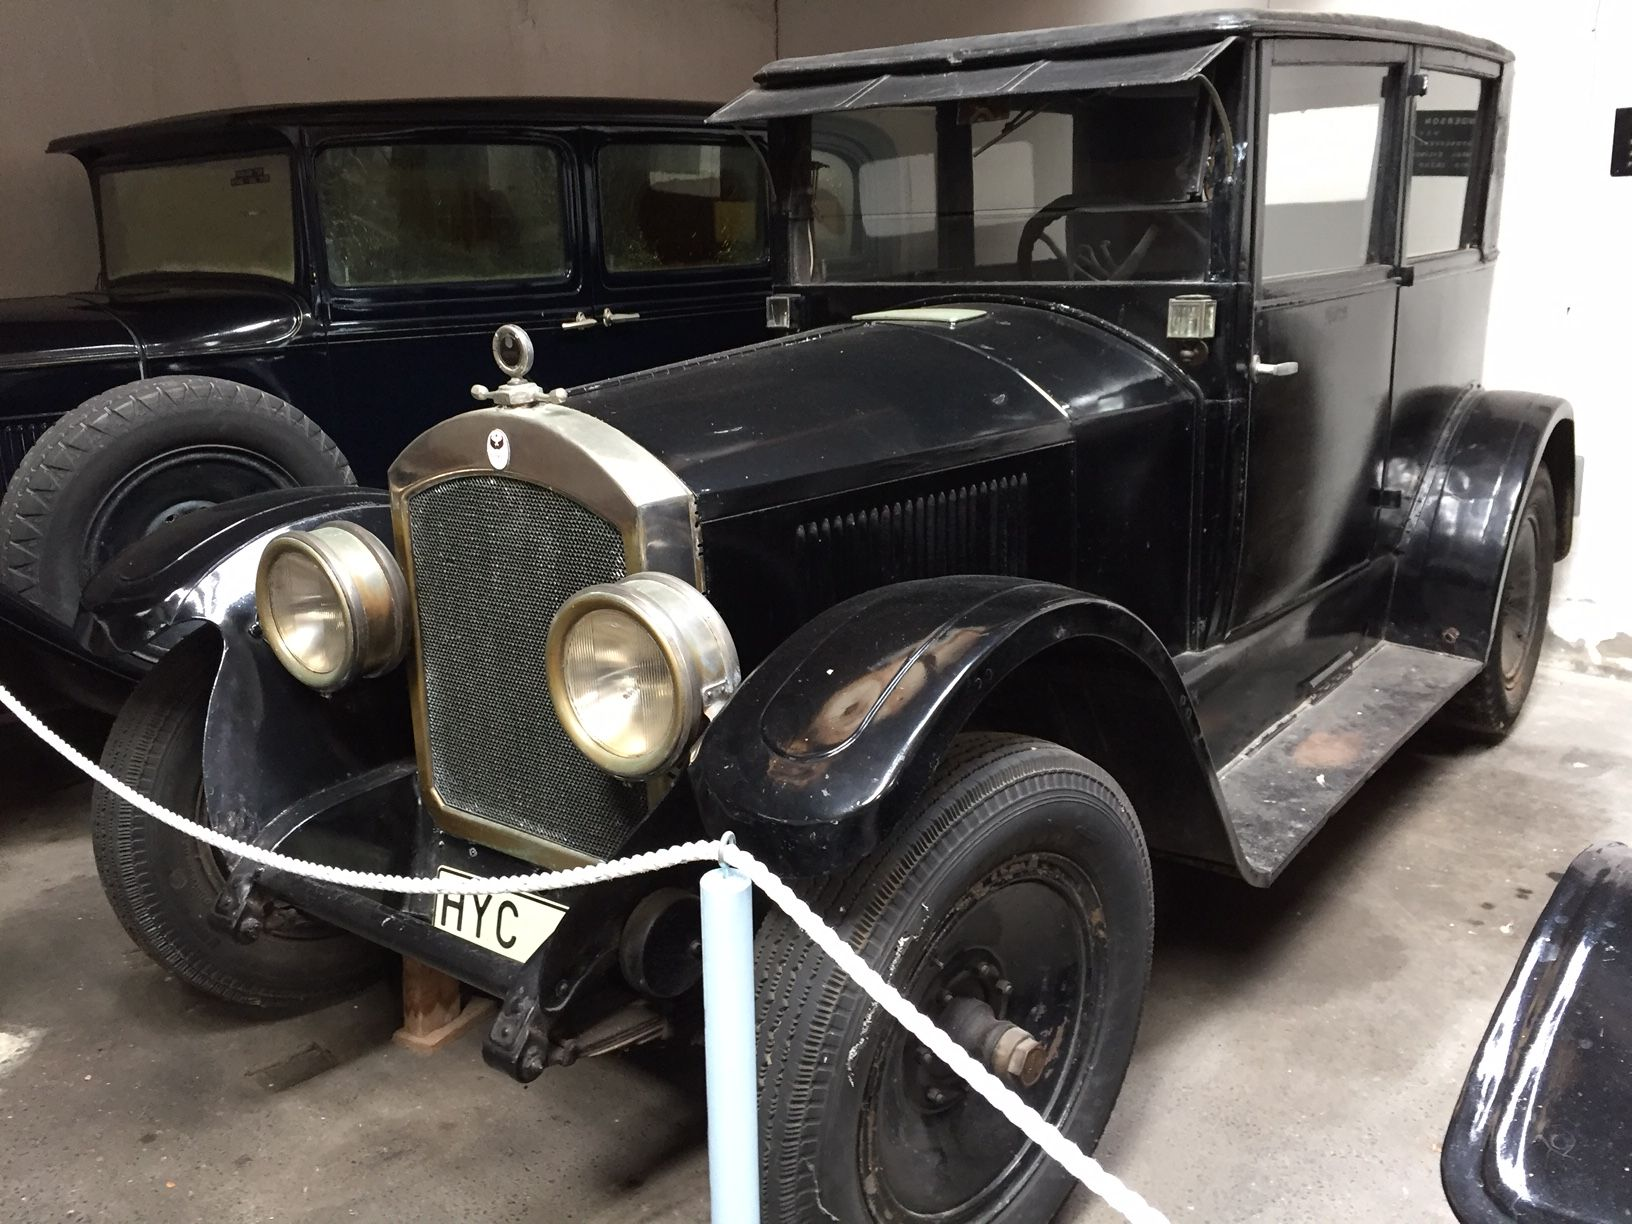 1922 Anderson Sport 2 door coach in an aviation museum in